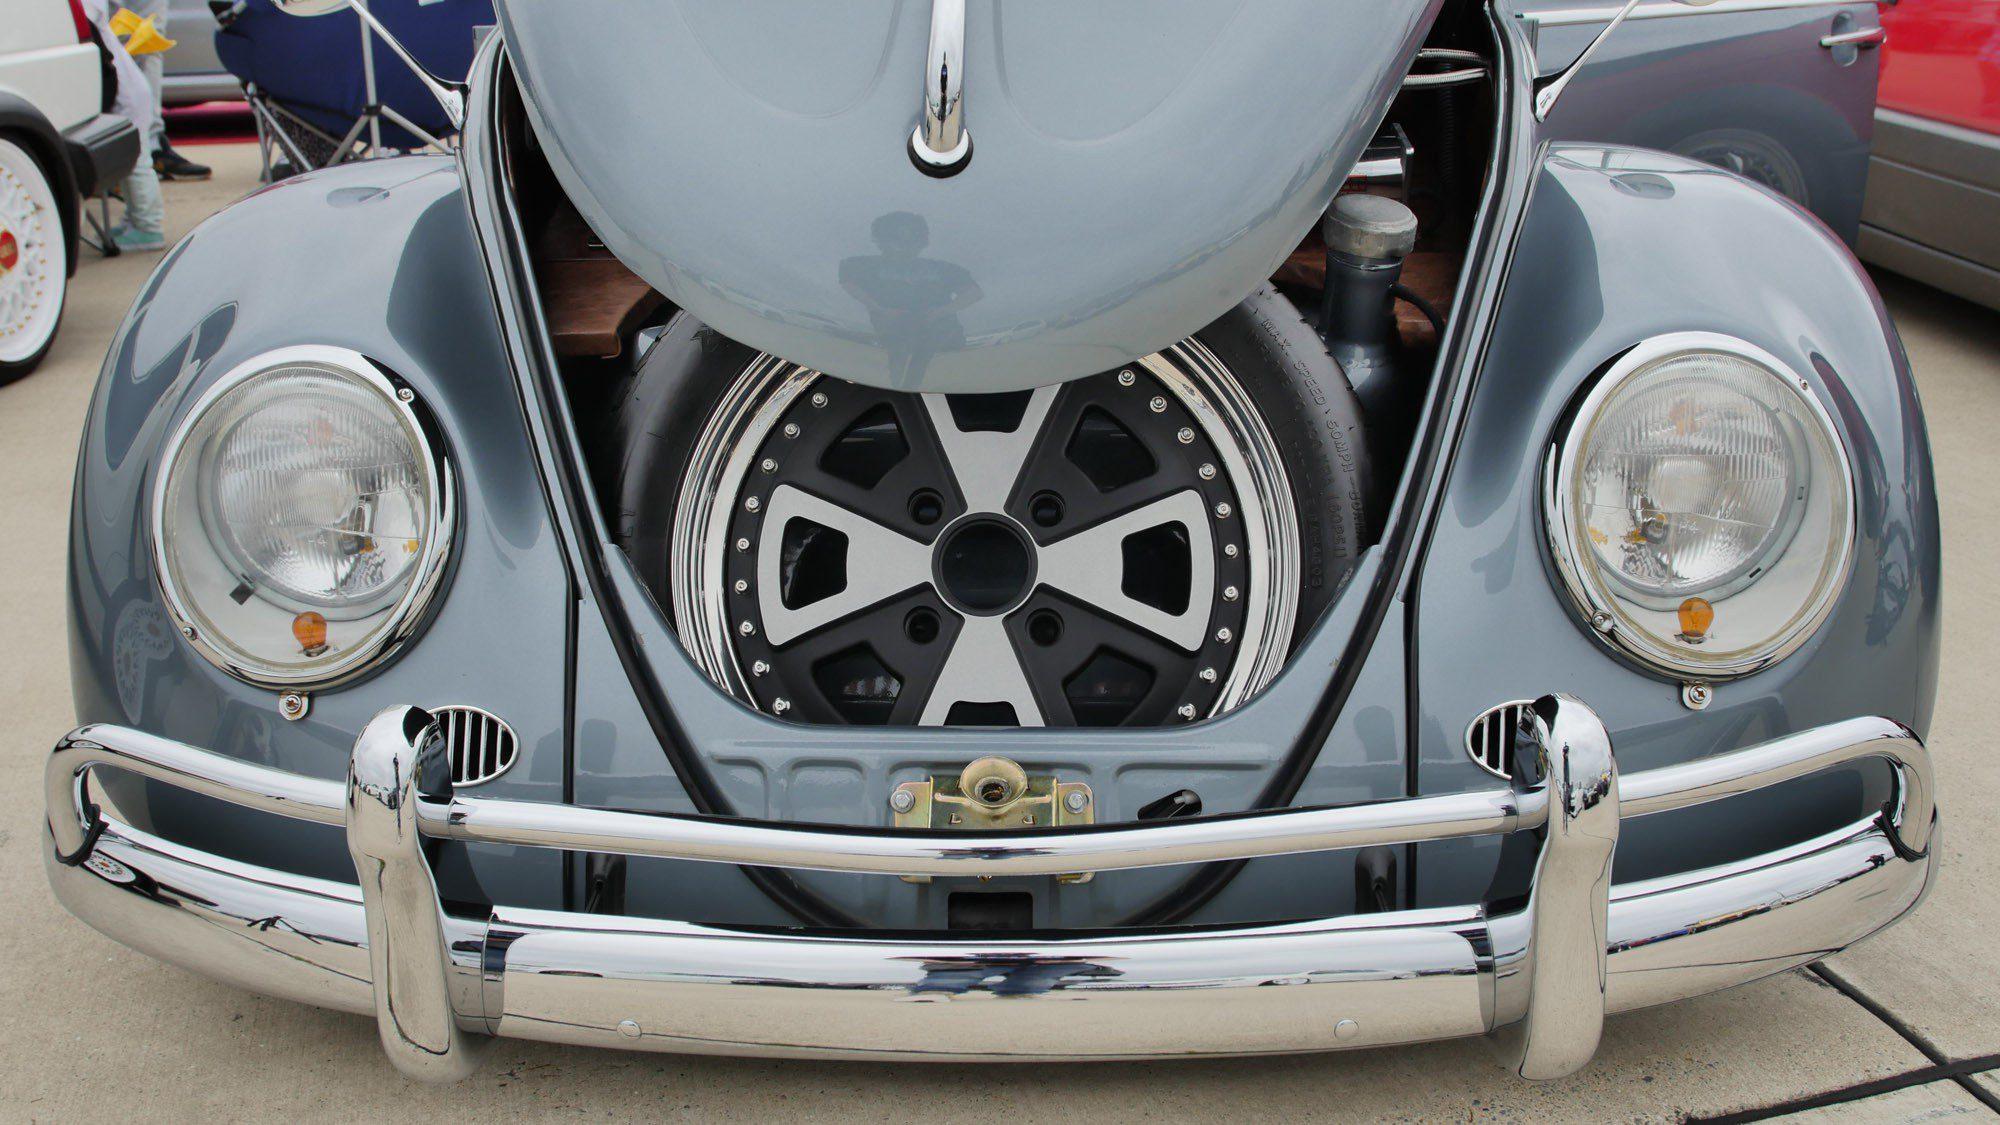 Frontpartie des VW Käfer